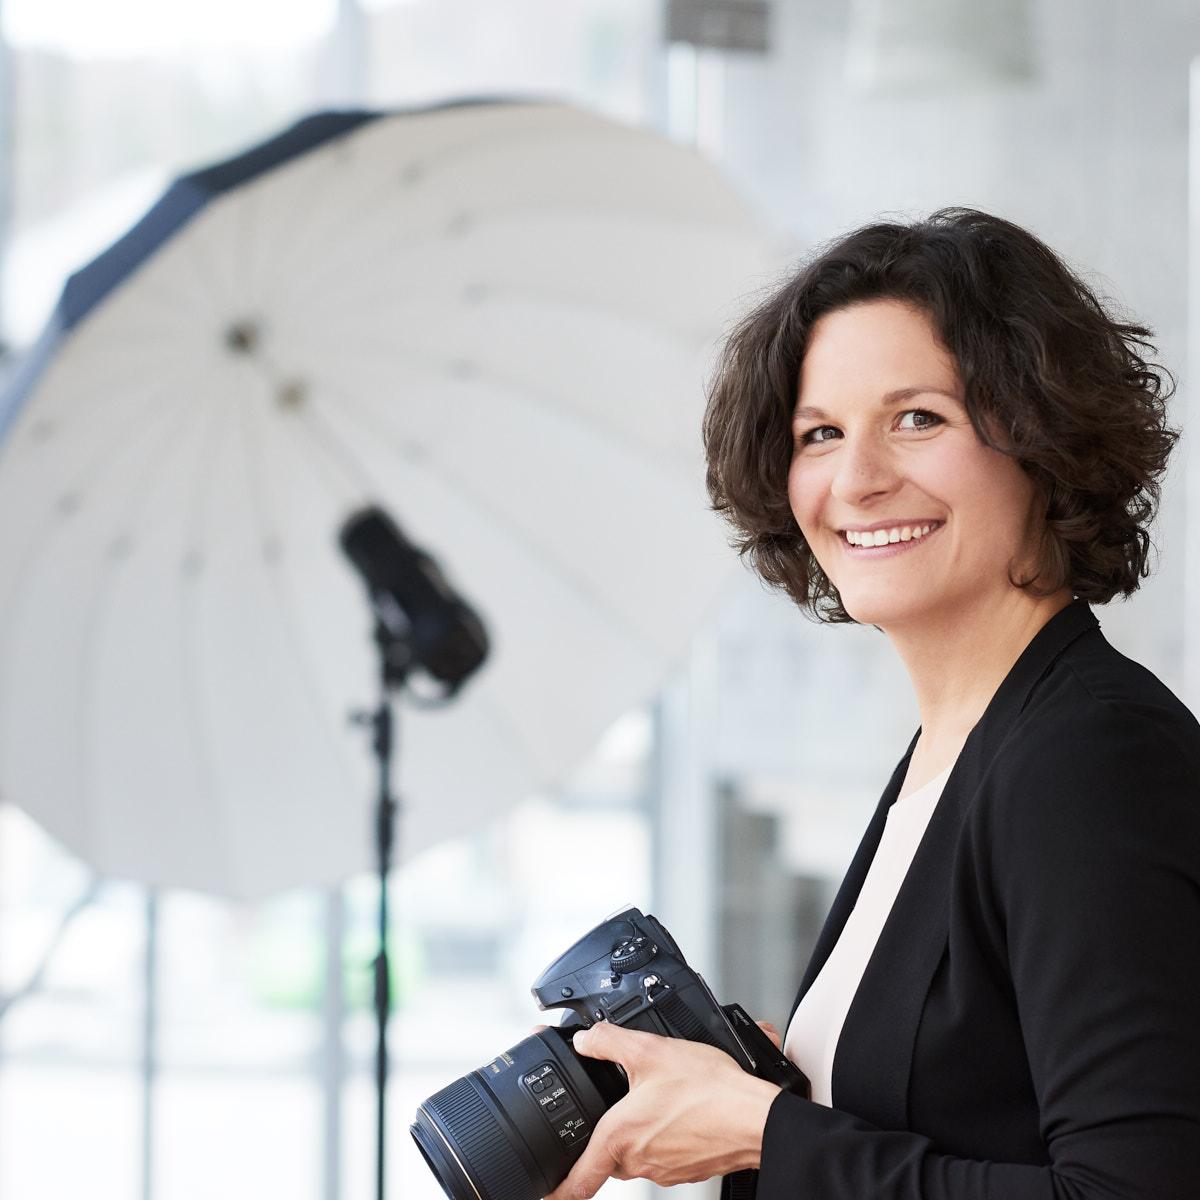 Corinna Spitzbarth Fotografin Portrait